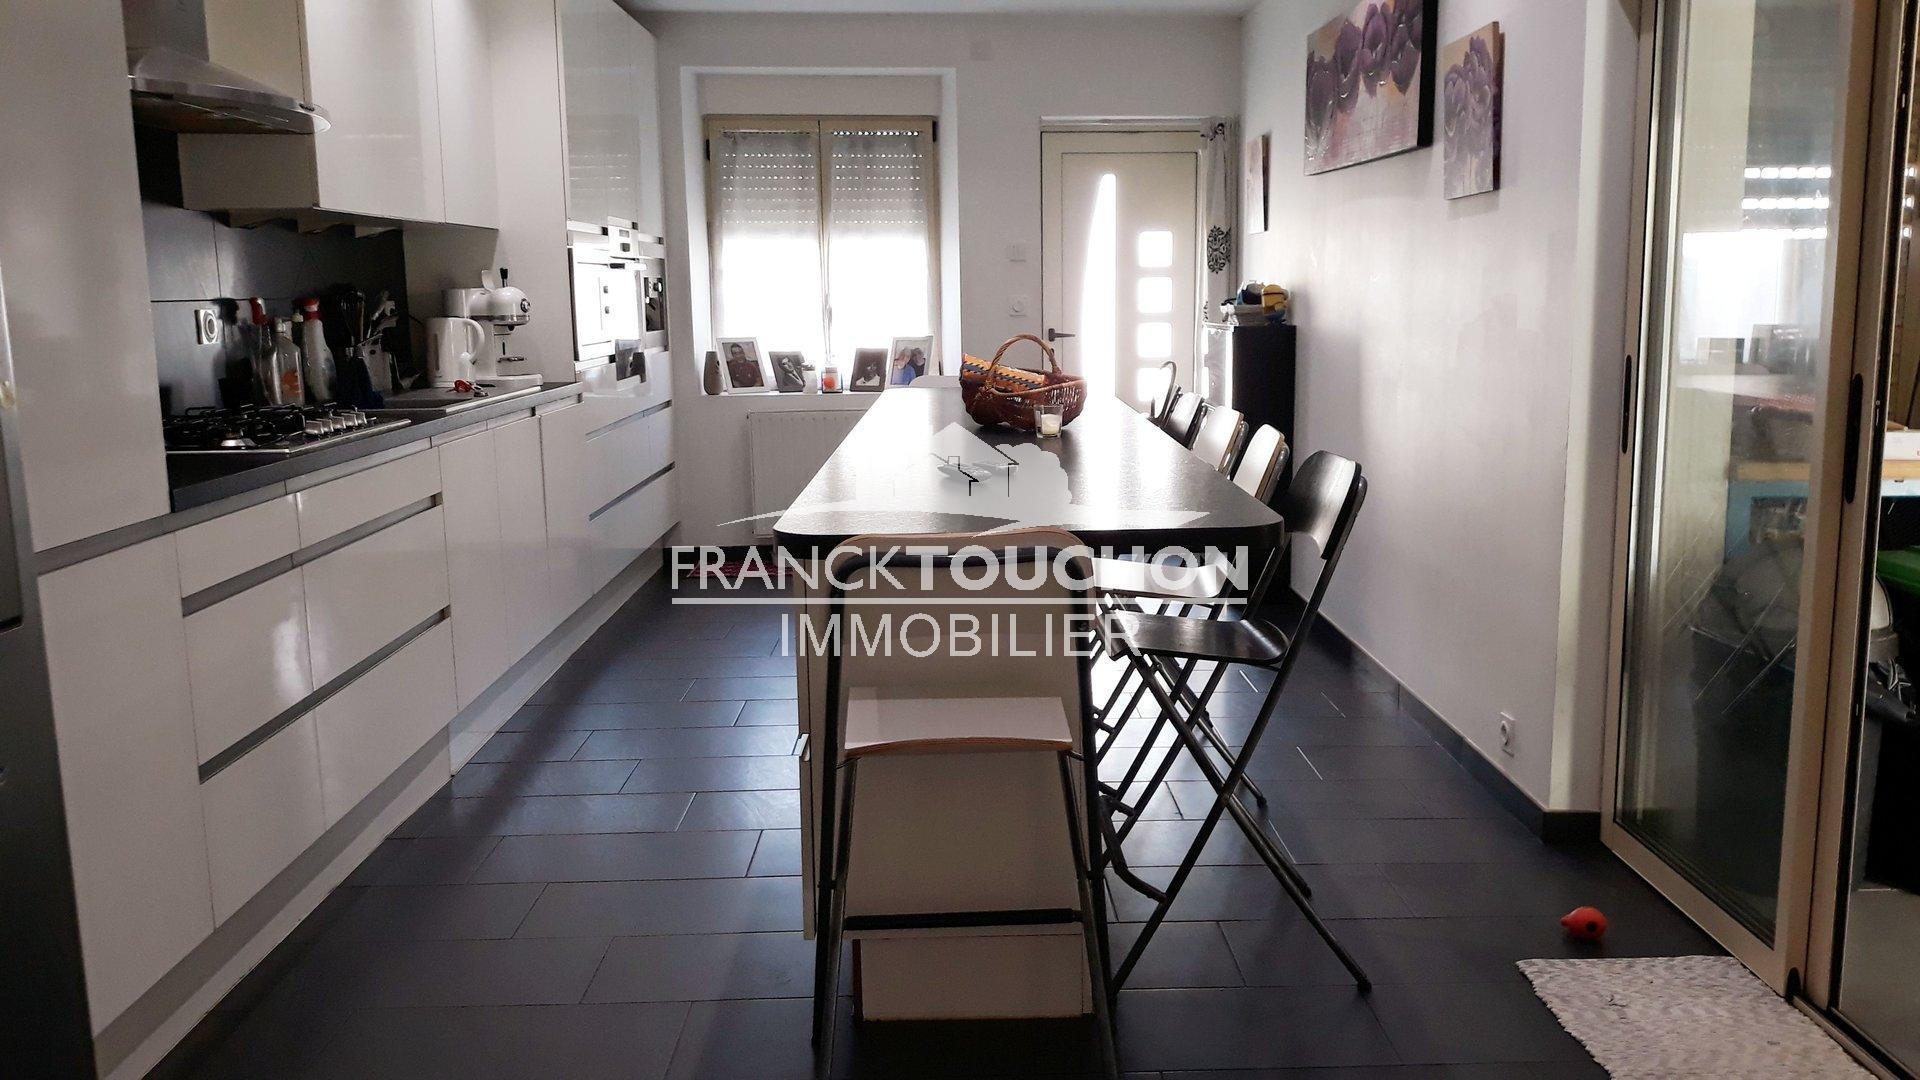 MAISON DE VILLE à NEMOURS (sud 77) - 1h de PARIS - moderne et rénovée - à 5 min de toutes commodités - 4 chambres - 135 m² hab - garage et patio ouvert